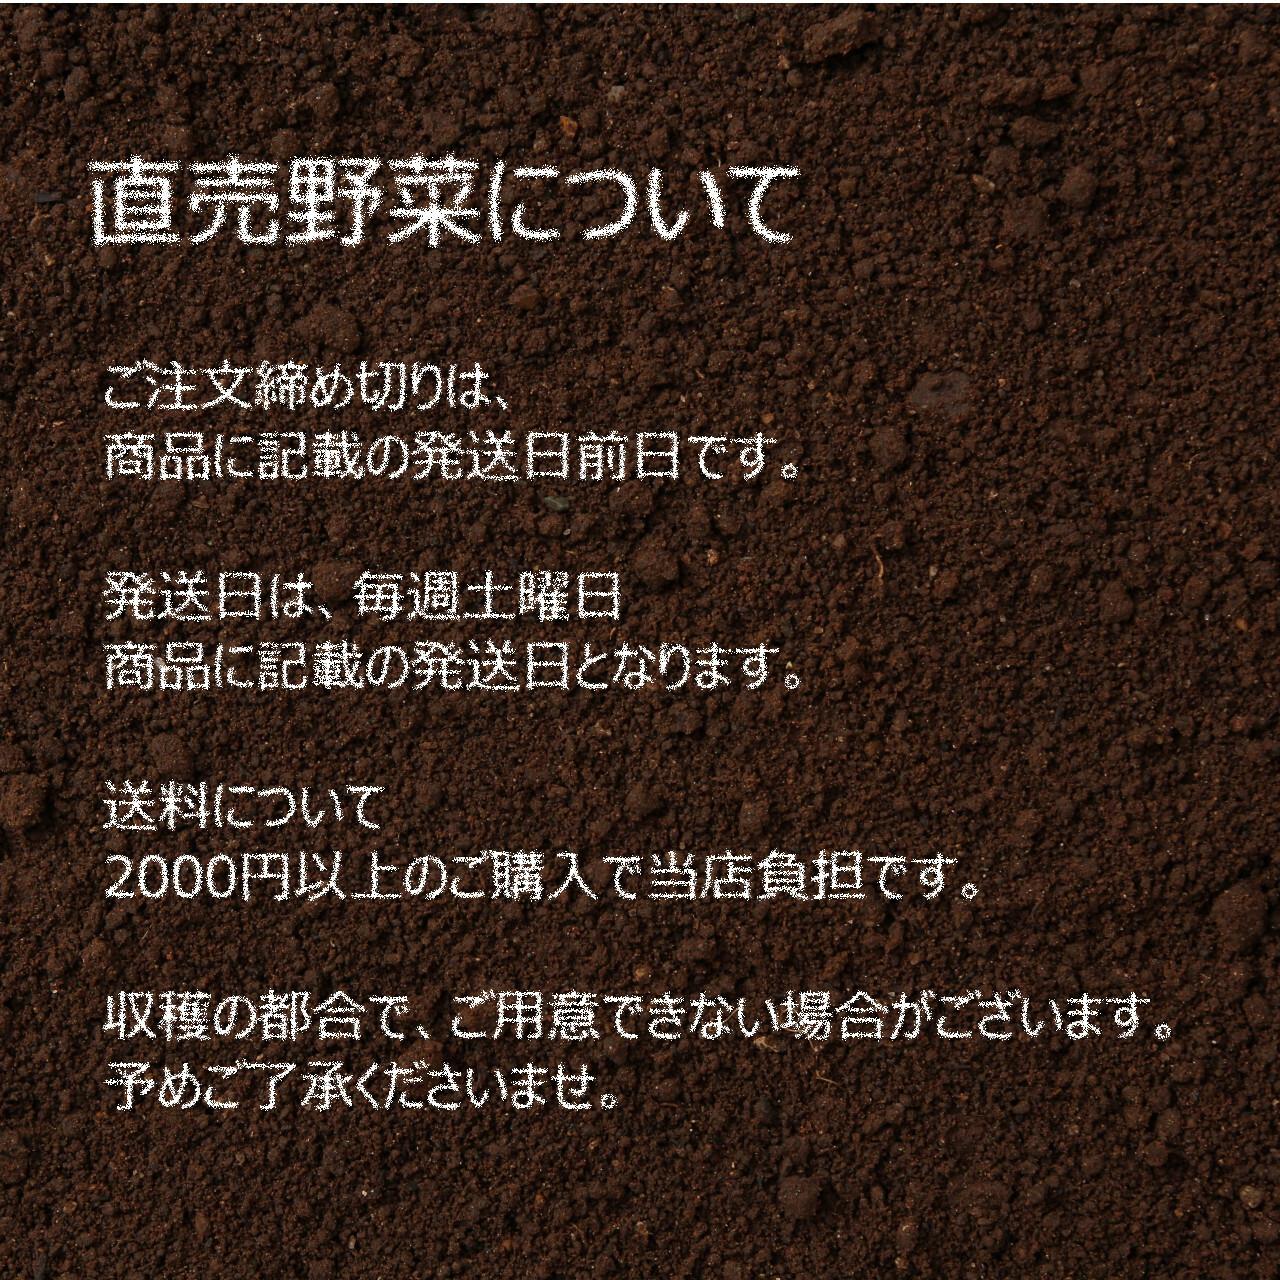 インゲン 約100g: 6月の朝採り直売野菜  6月15日発送予定